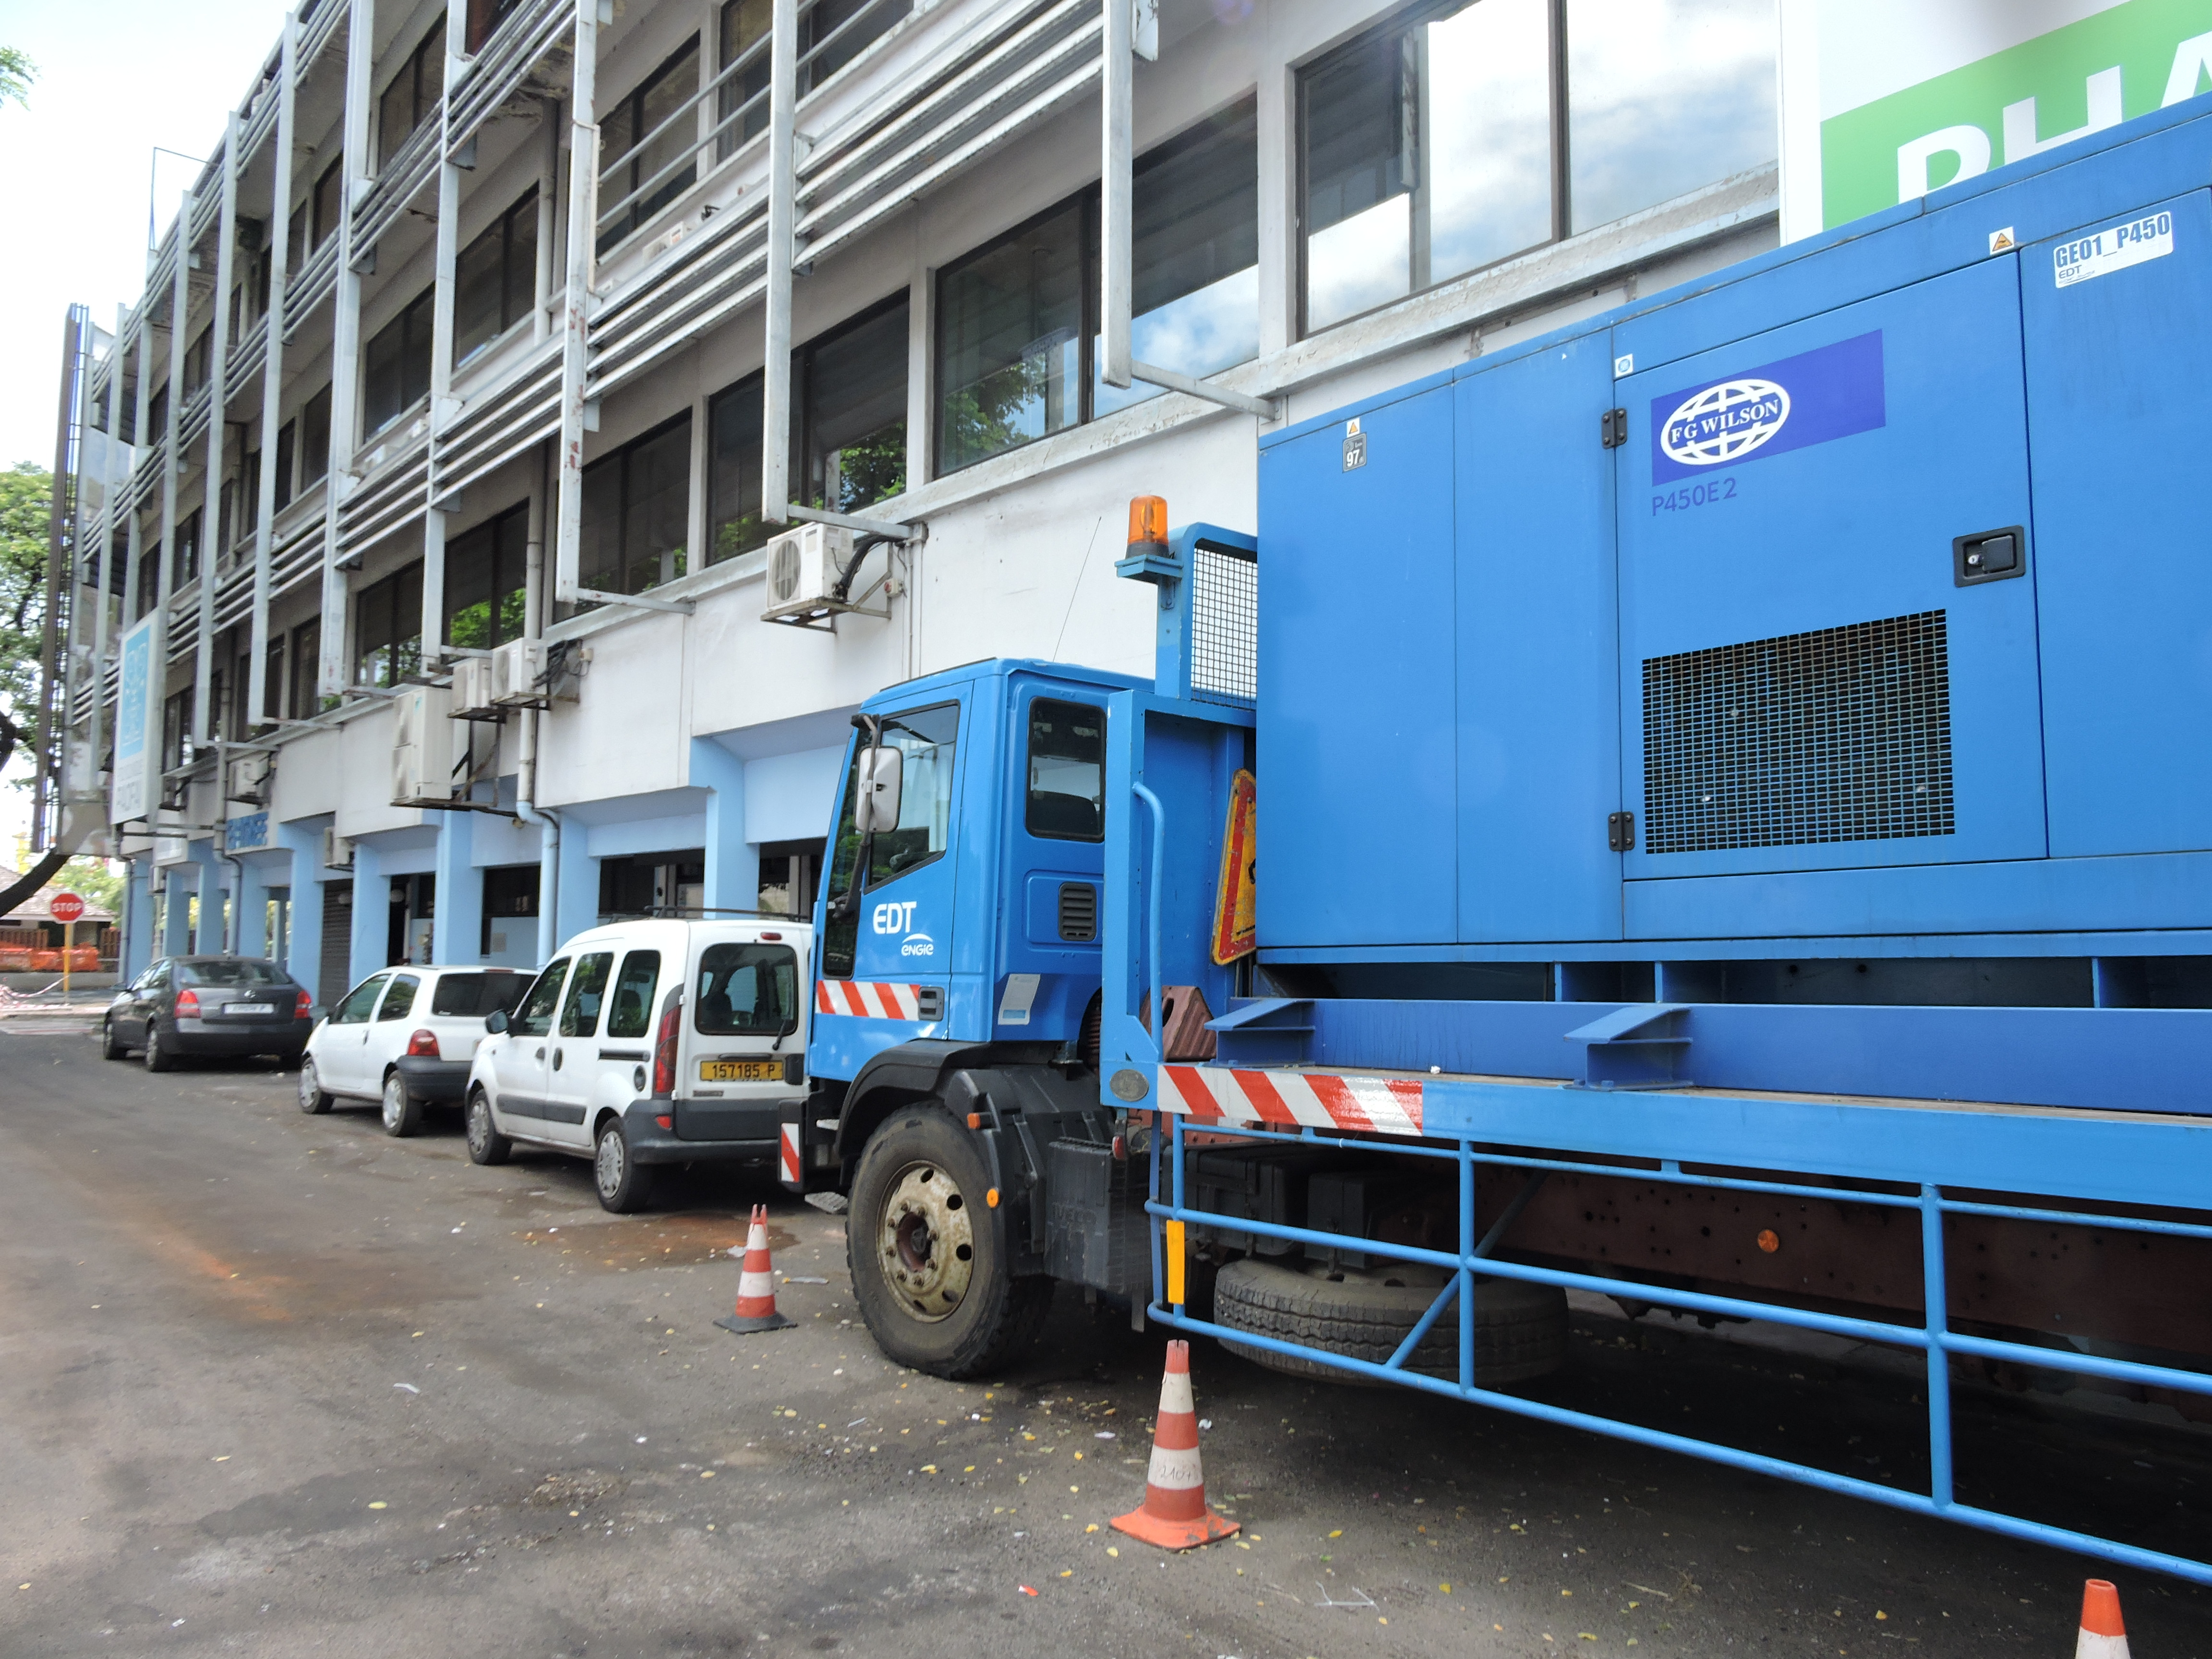 Dans la nuit du 17 au 18 mars, la clinique Paofai s'était retrouvée sans électricité. Le groupe électrogène qui est censé pouvoir prendre le relais n'avait pas rempli sa fonction. Un groupe électrogène d'EDT avait donc été placé aux lendemains de cet incident.